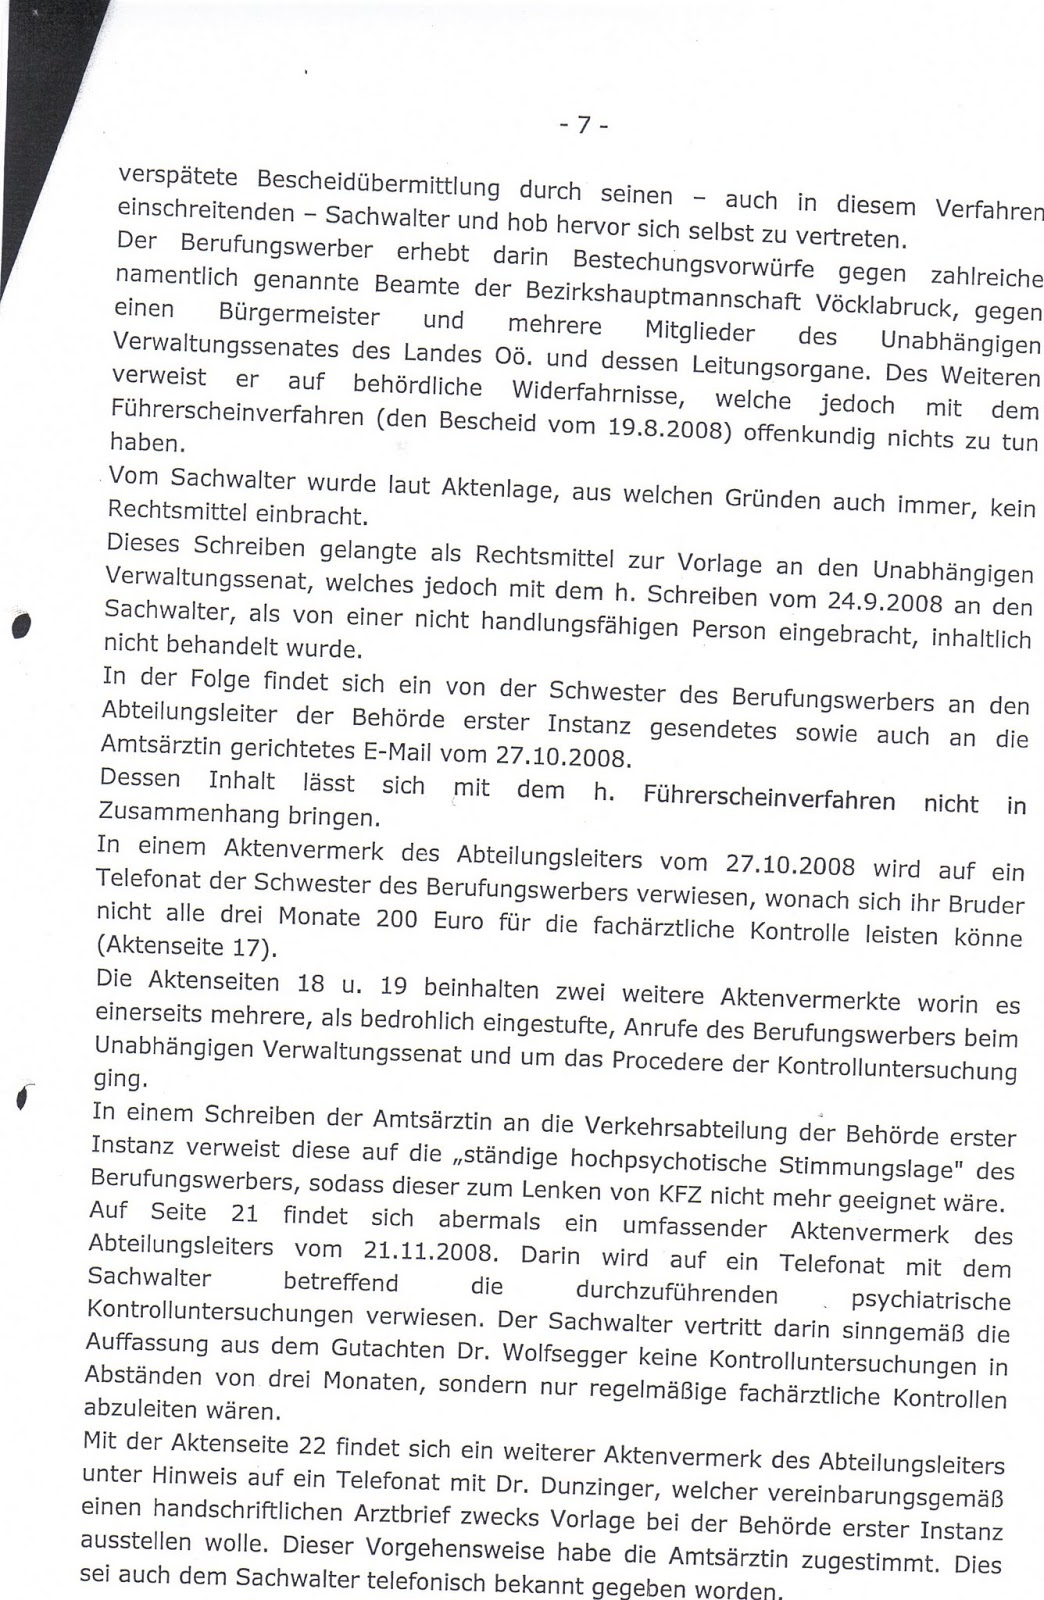 Rechtsbetrug, Amtshaftungen, strafgesetzwidrige Amtshandlungen ...